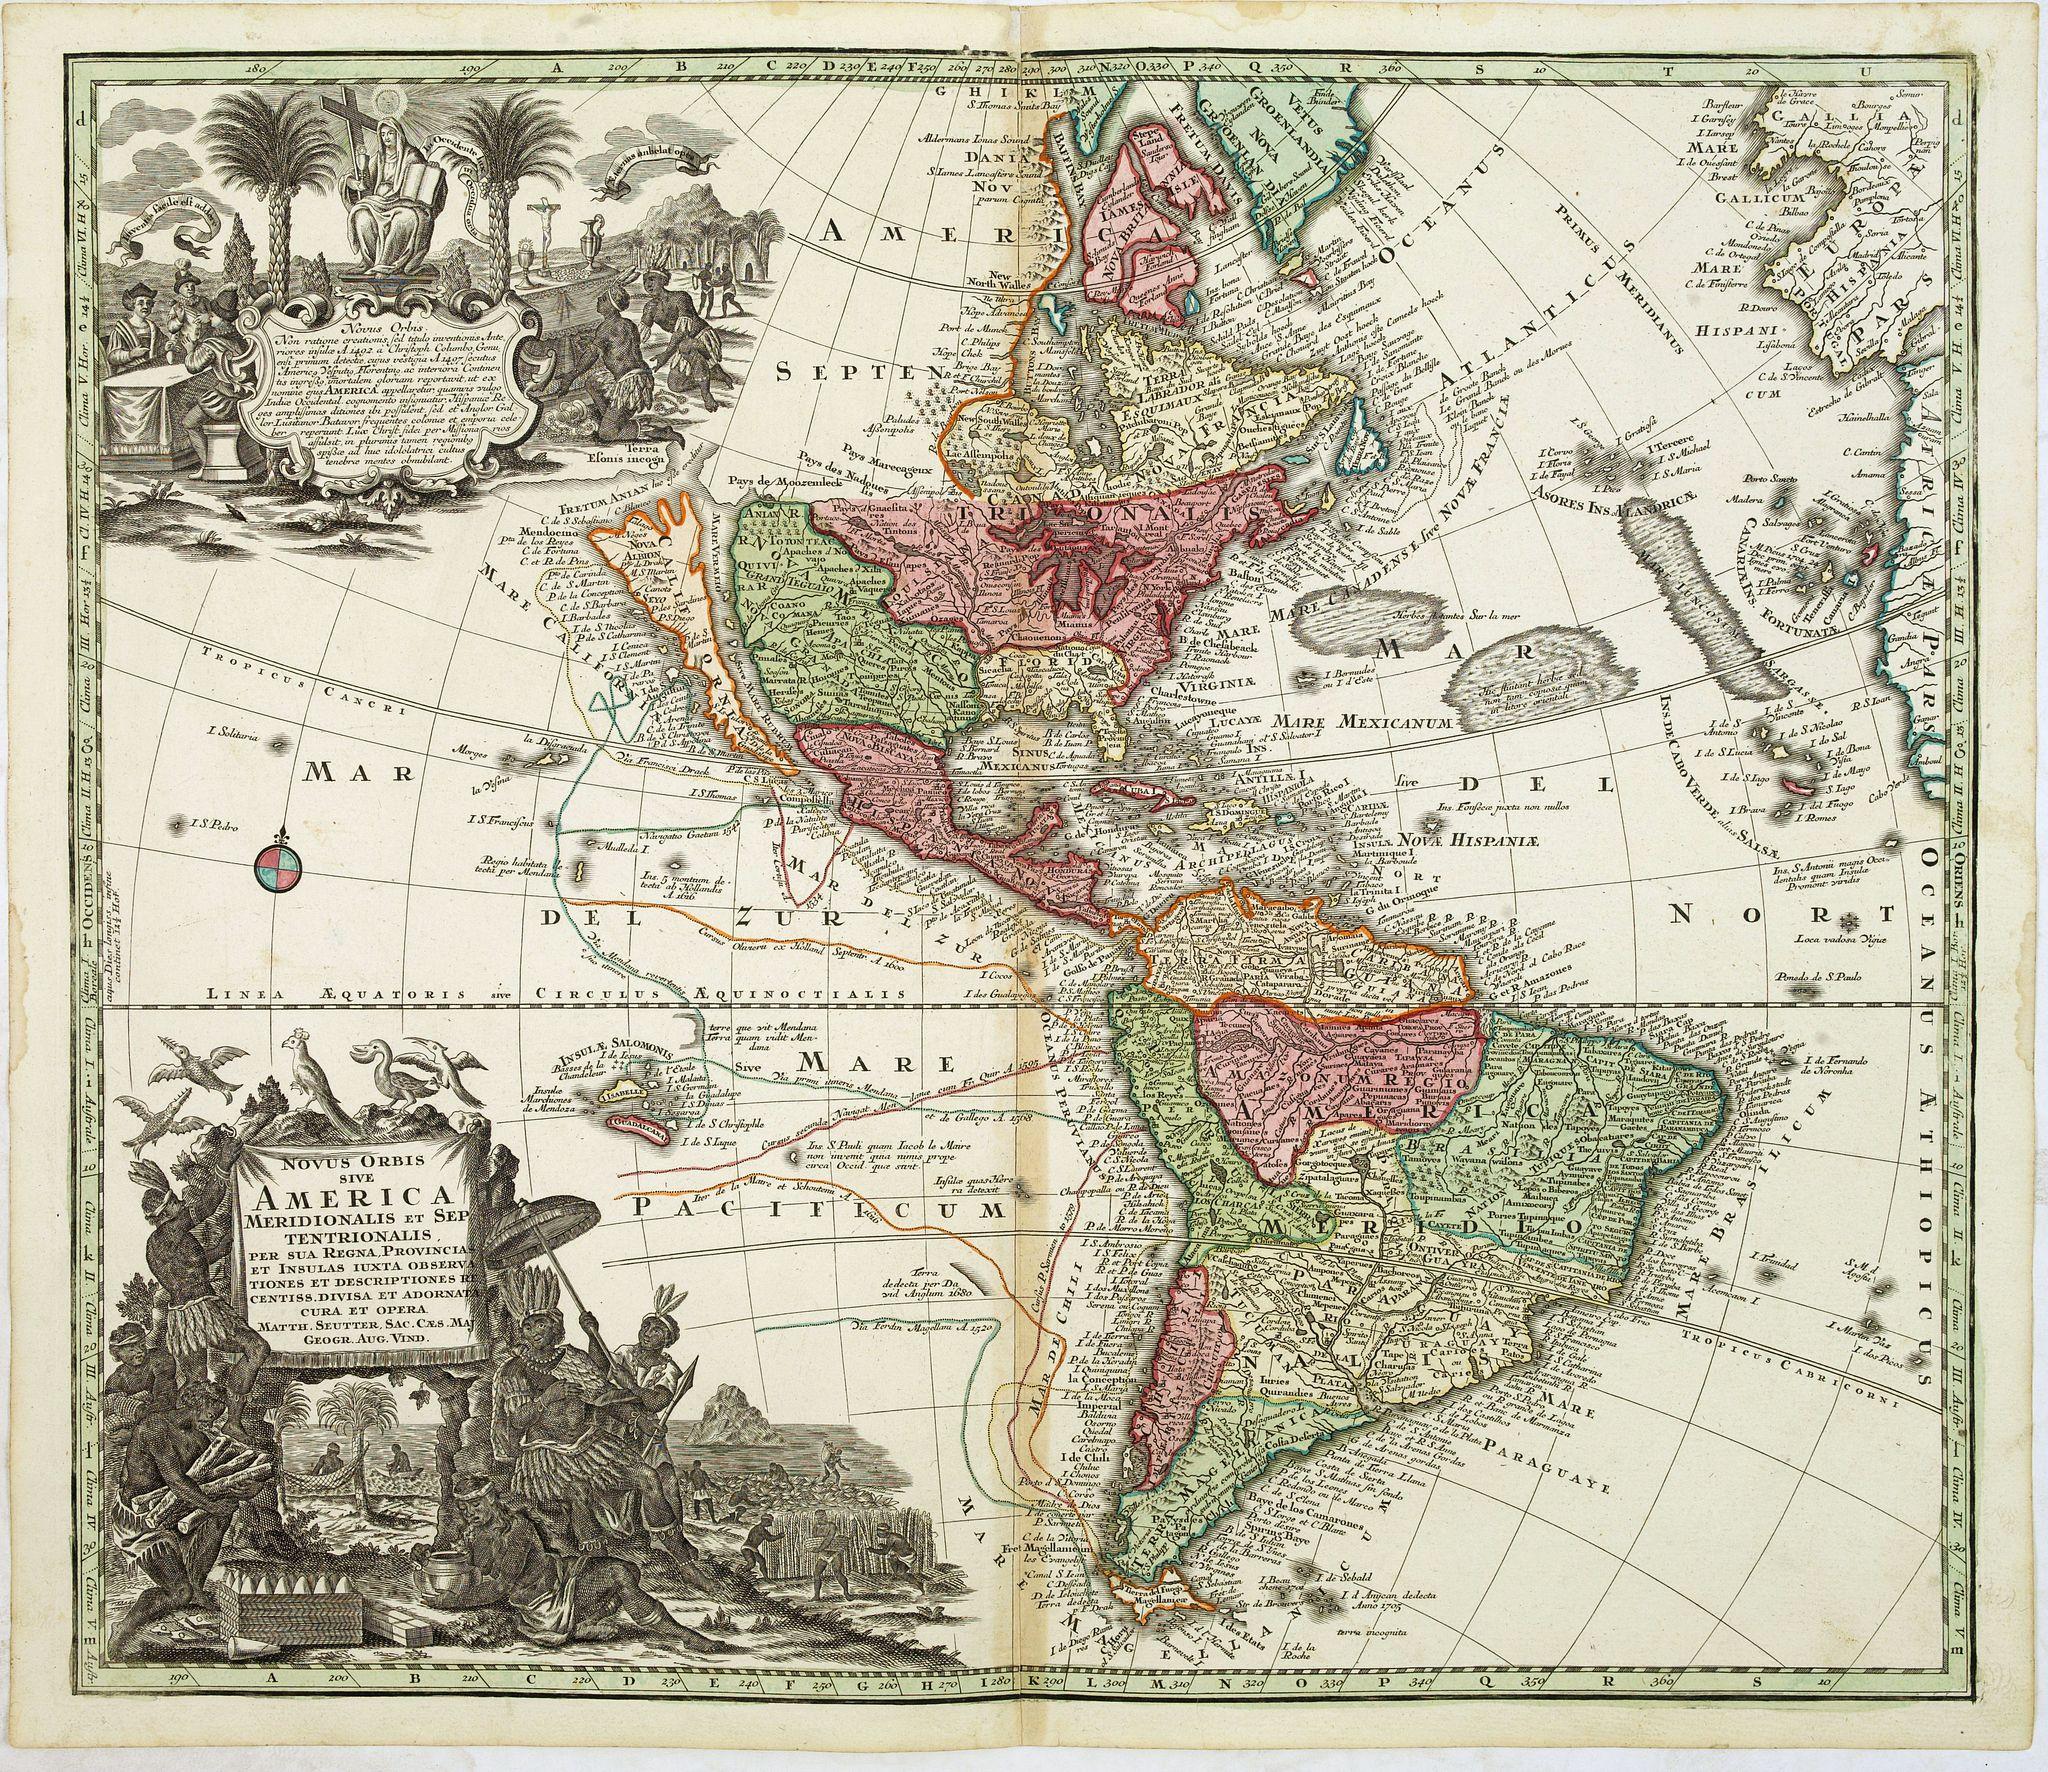 SEUTTER, M. -  Novus Orbis sive America Meridionalis et Septentrionalis..